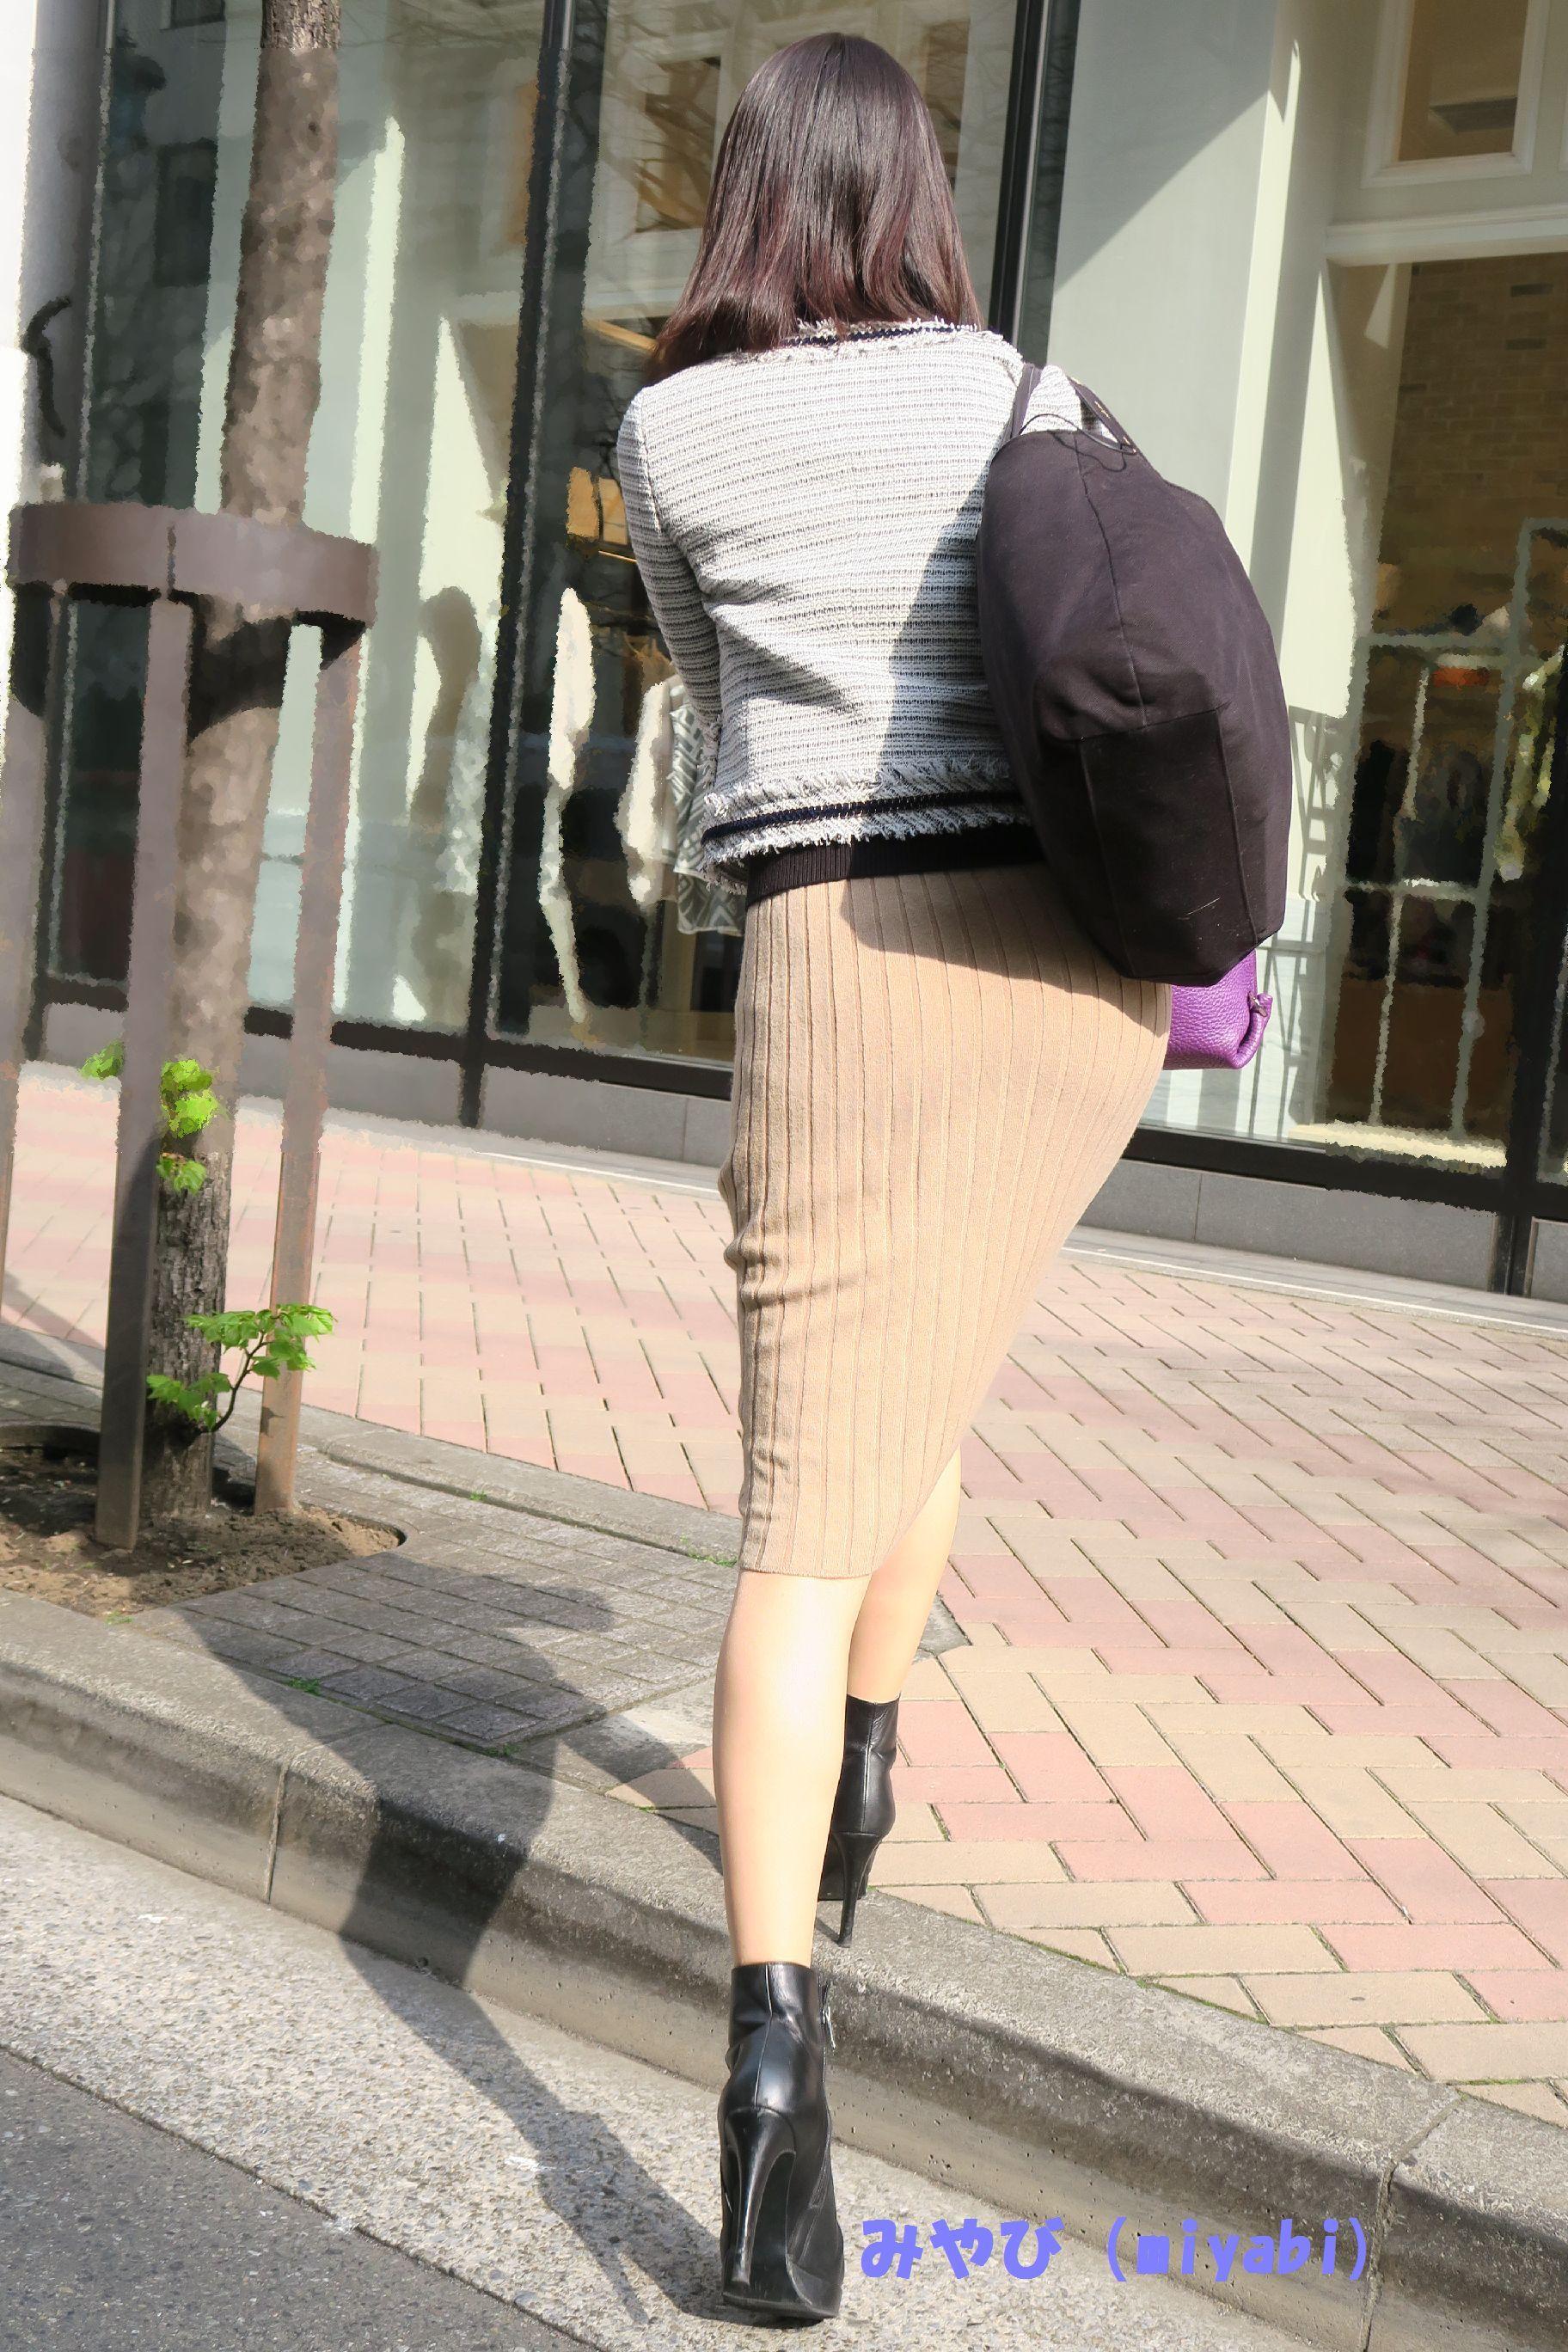 スカートのお尻の街撮り素人エロ画像-043